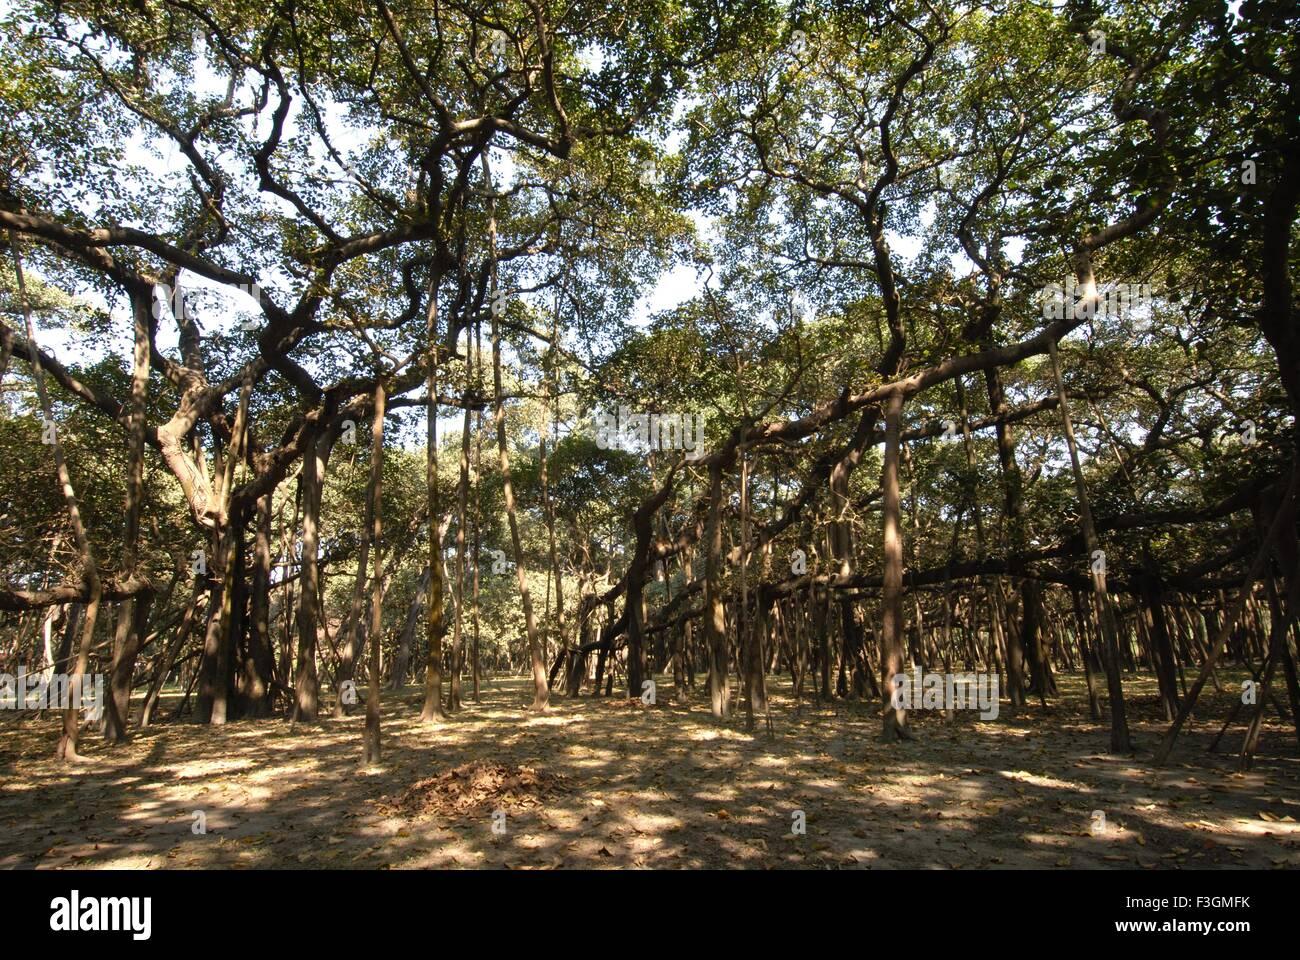 Banyan Tree In Botanical Gardens Stock Photos & Banyan Tree In ...